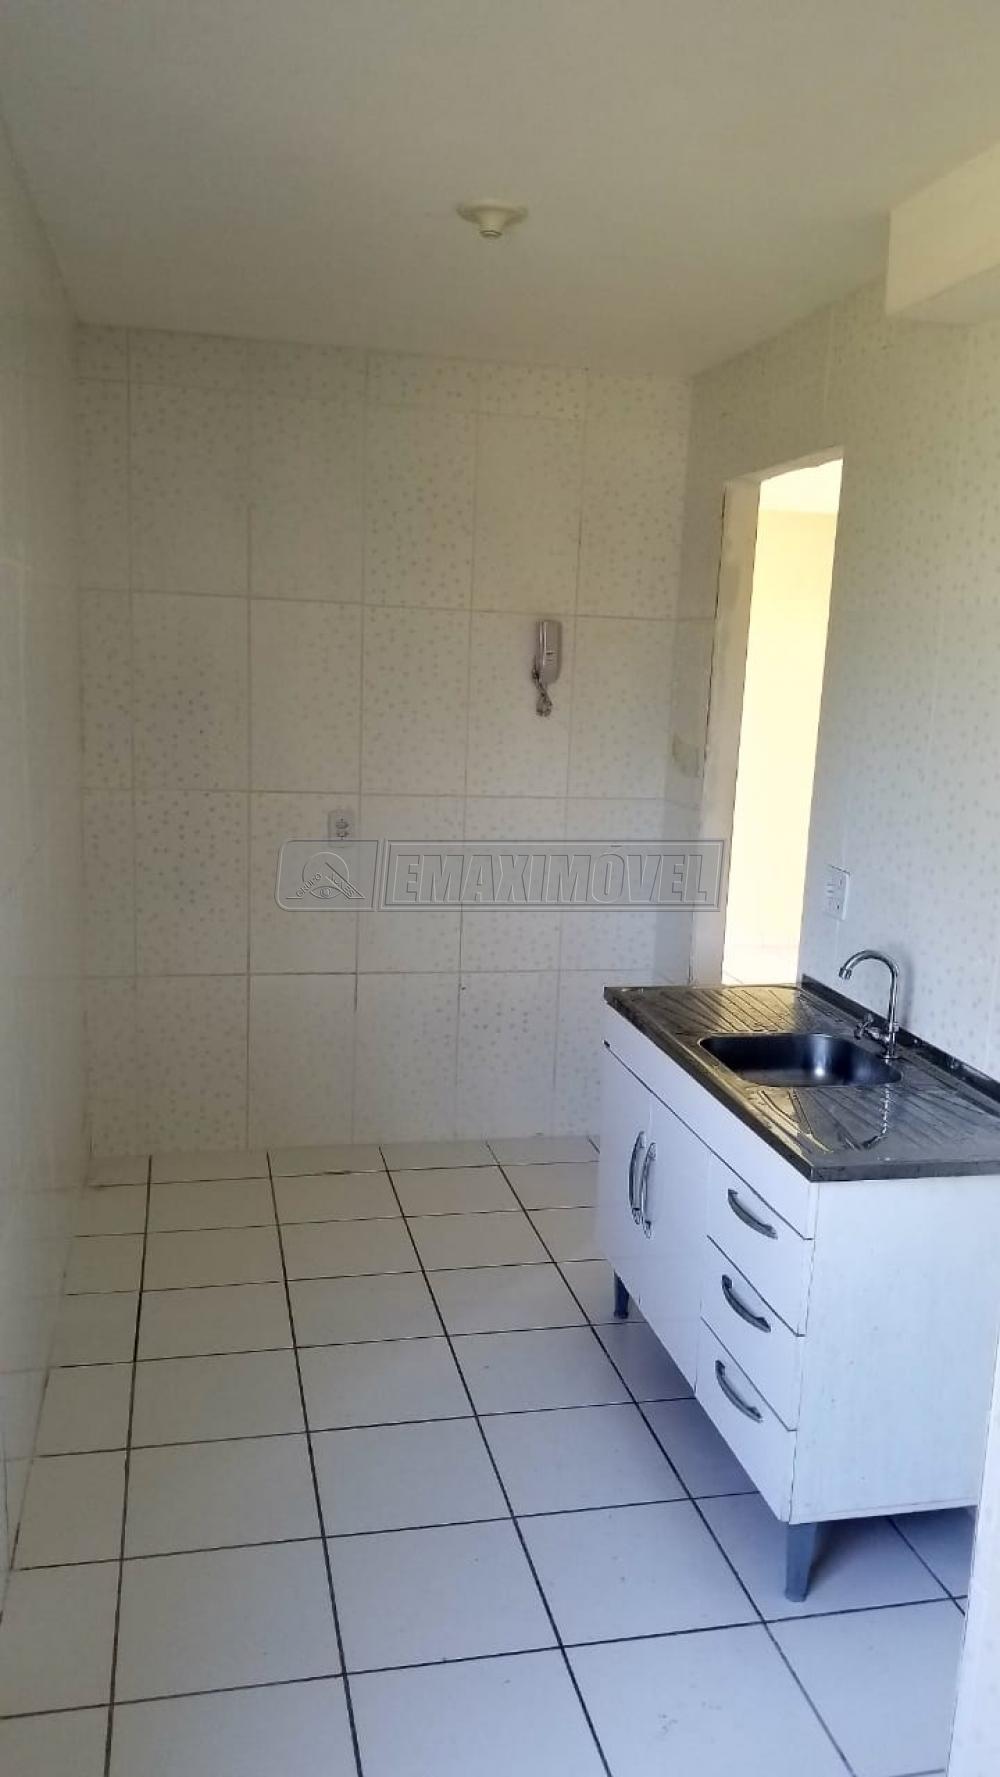 Alugar Apartamentos / Apto Padrão em Votorantim R$ 700,00 - Foto 10